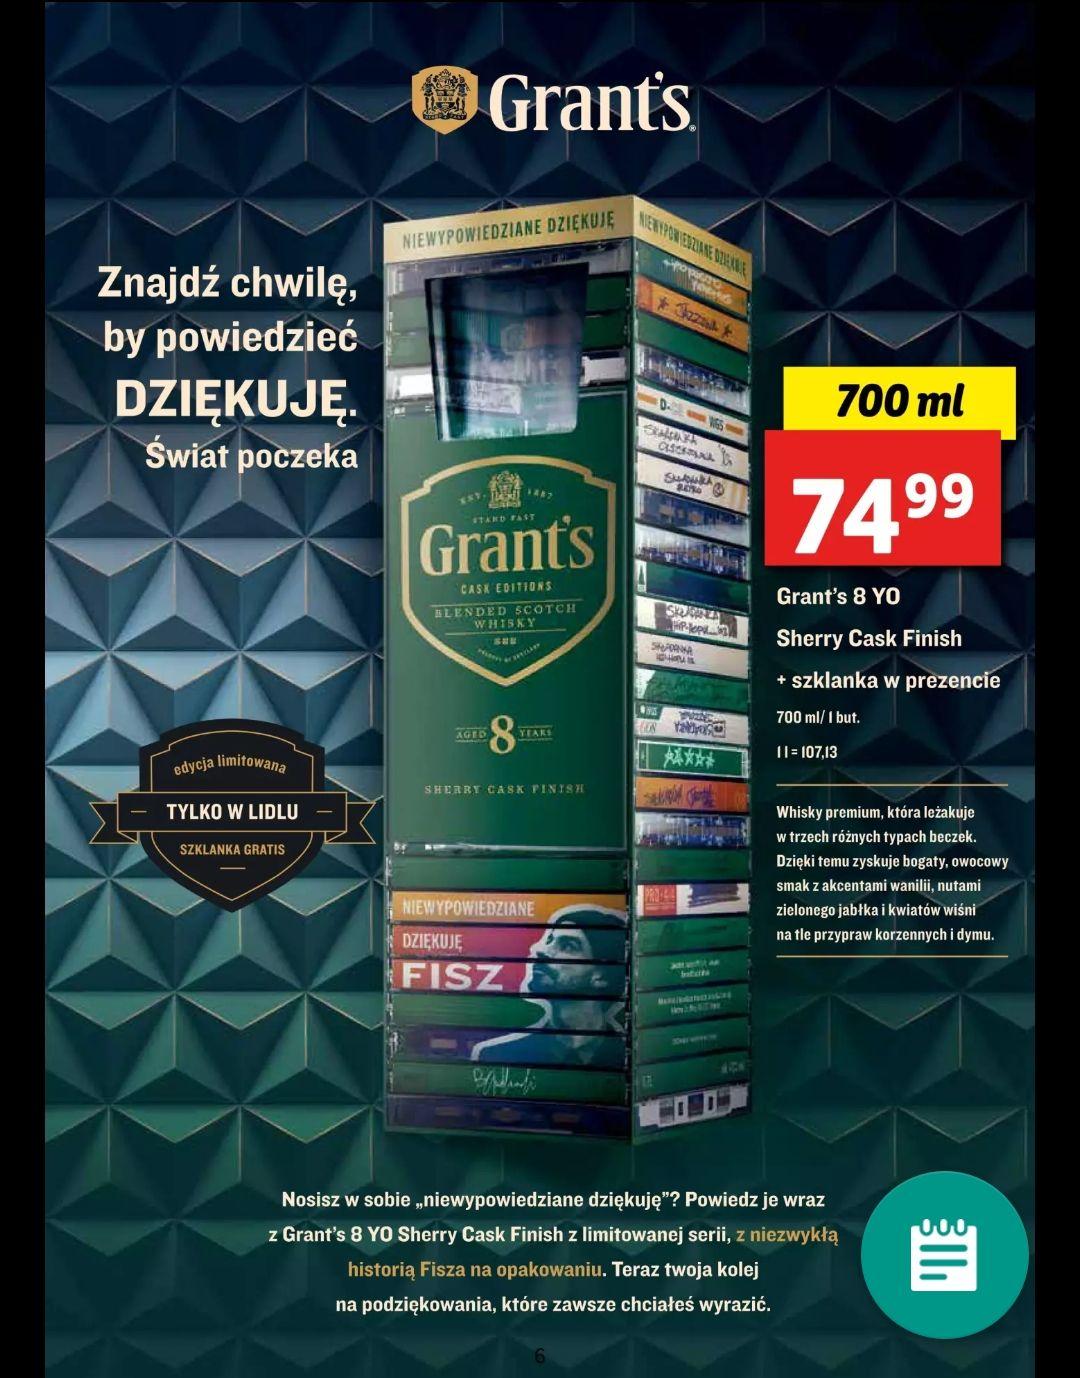 Whisky Grant's 8YO Sherry Cask Finish 700ml +szklanka w Lidl